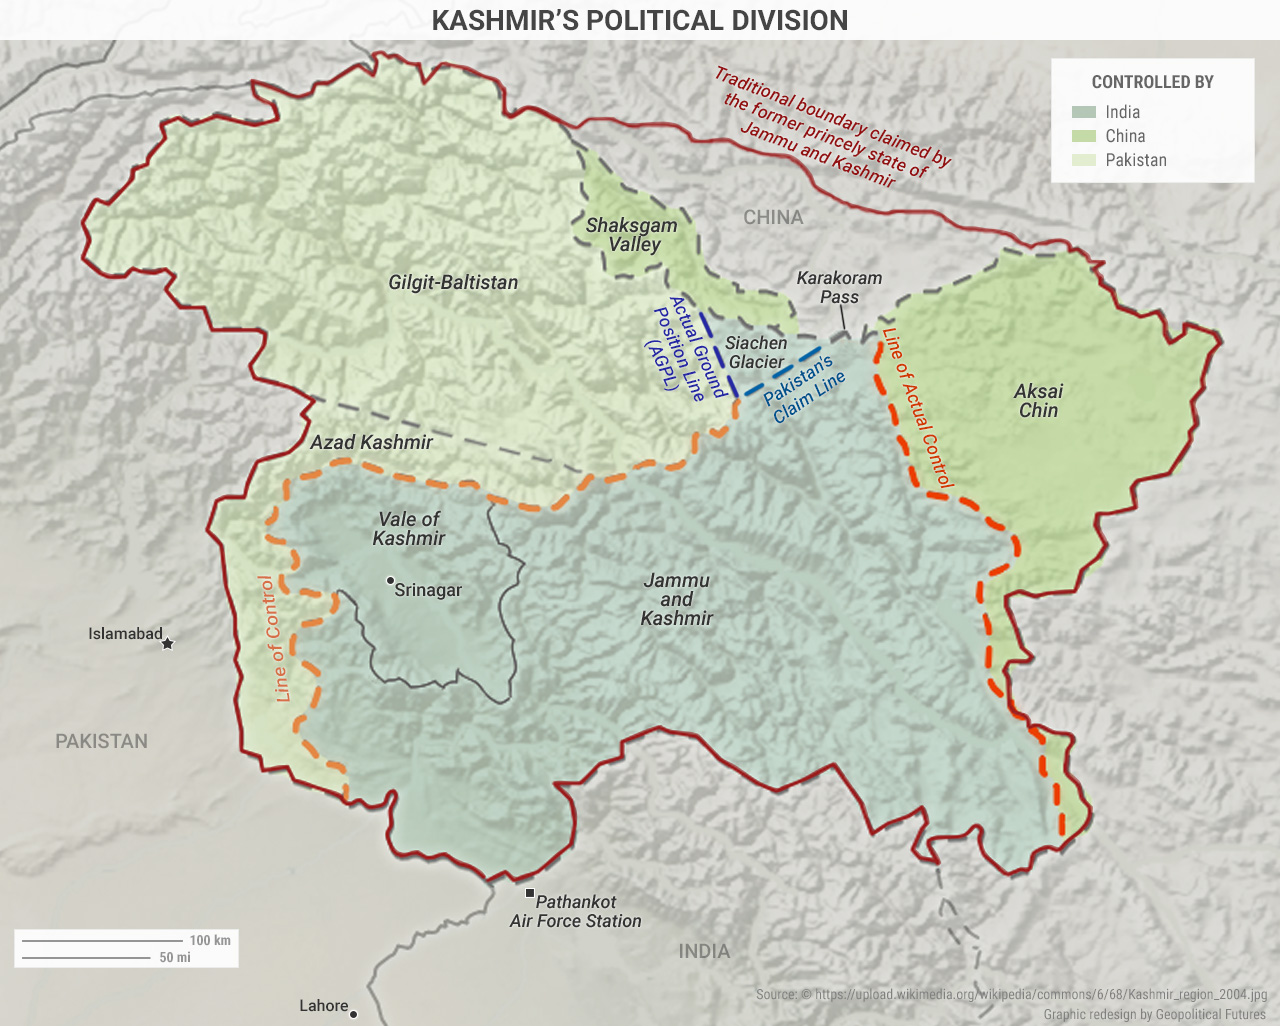 Kashmir's Political Division